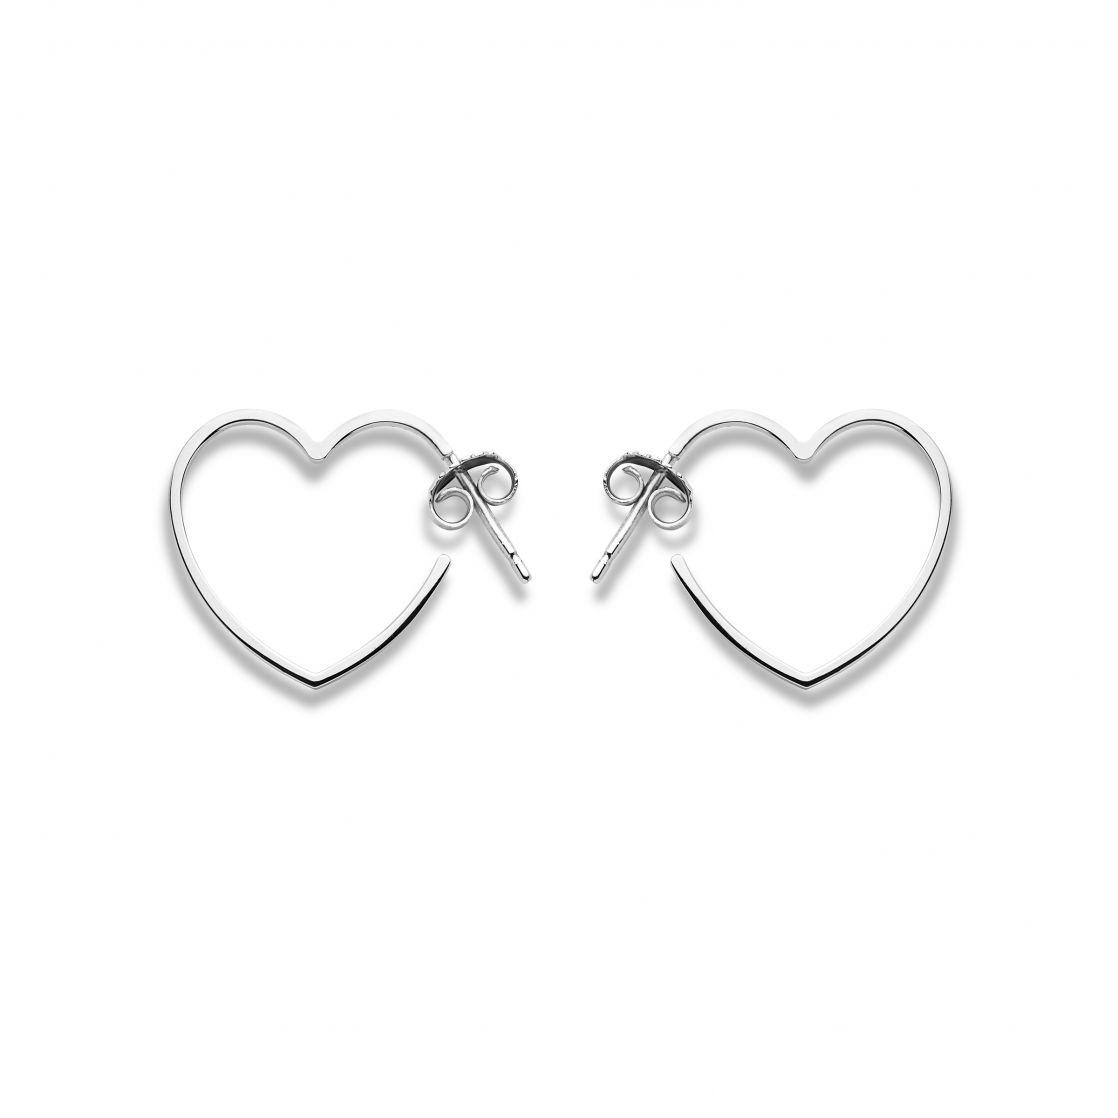 Sterling silver heart hoops